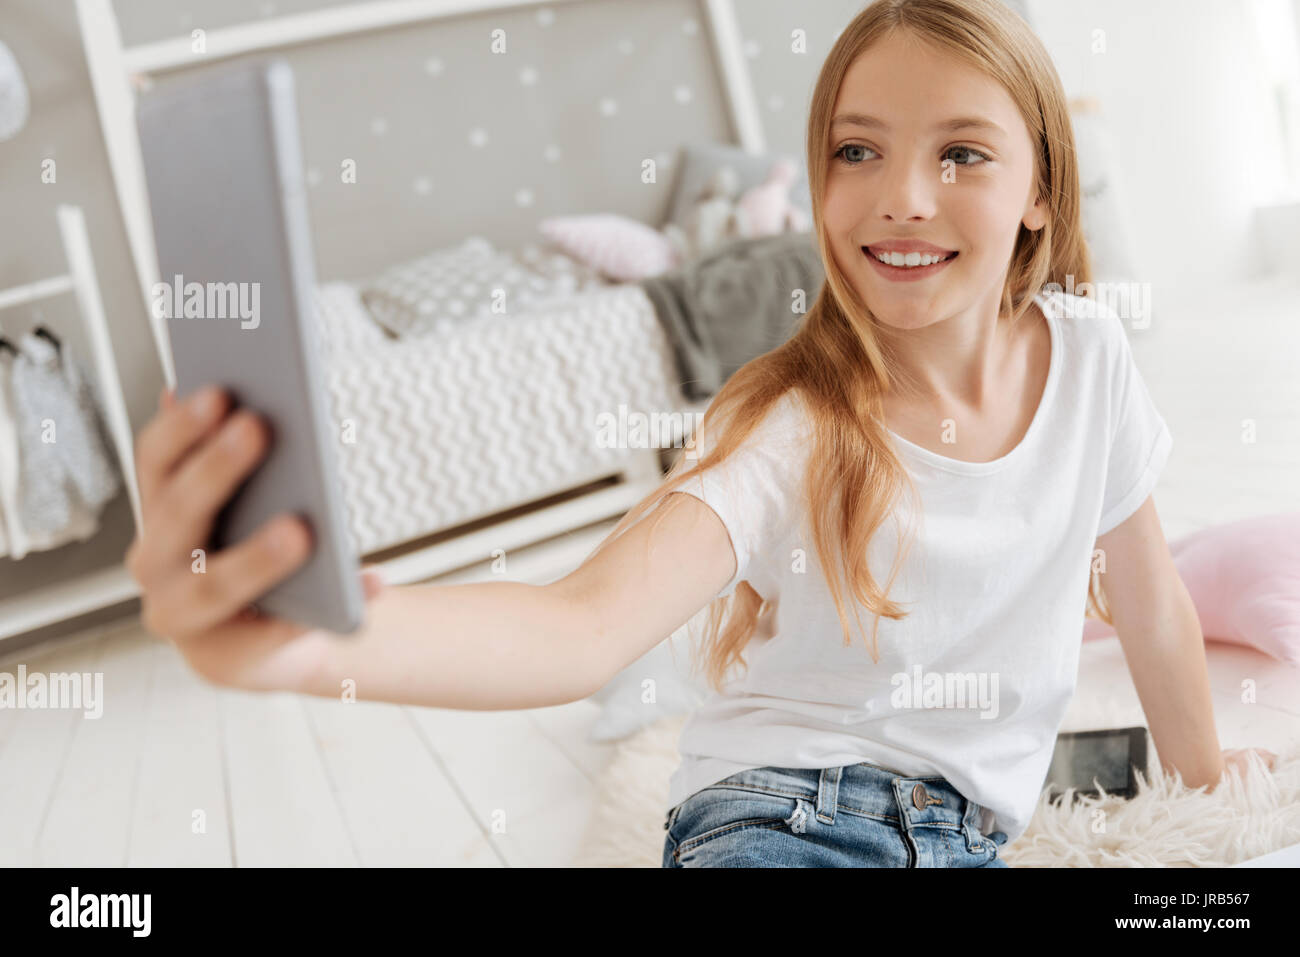 Emocionada niña tomando en su dormitorio selfies Imagen De Stock